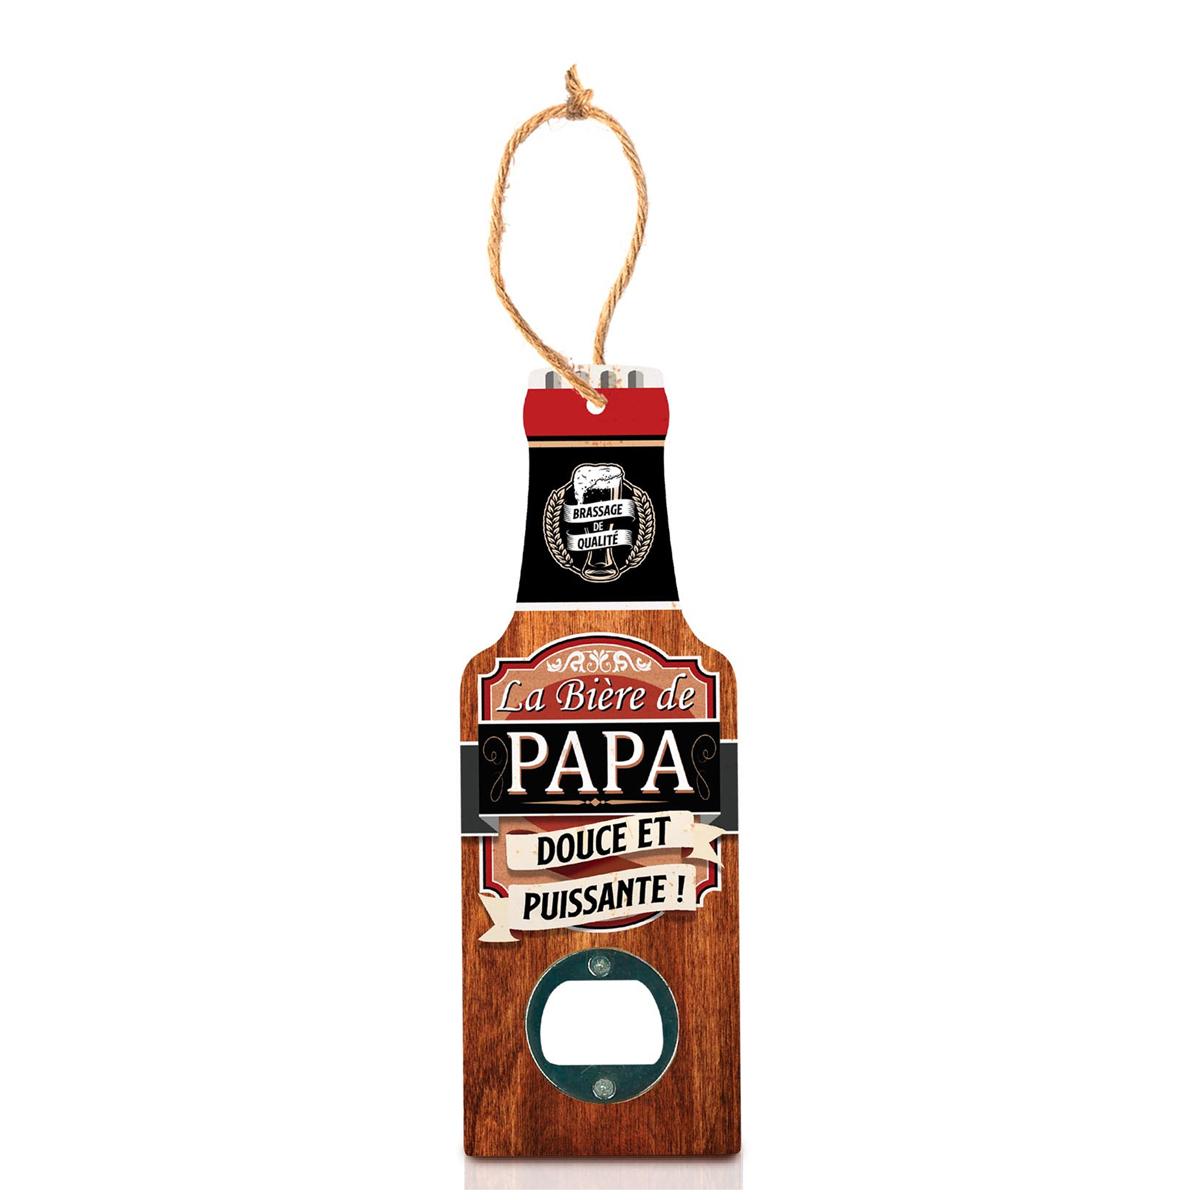 Décapsuleur humoristique bois \'Bouteille\' (La bière de Papa, douce et puissante !) - 20x7 cm - [A1597]